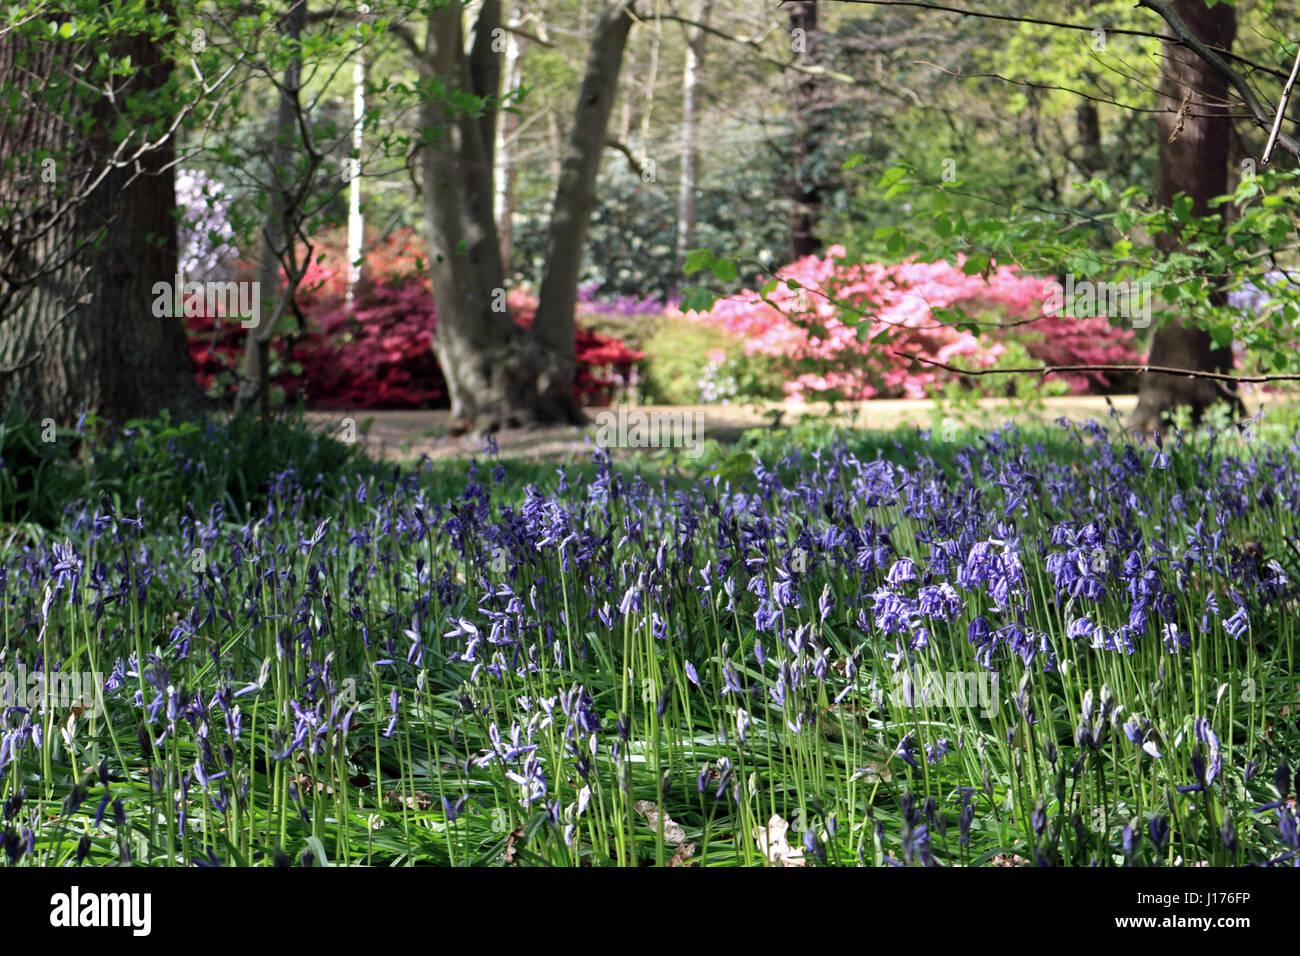 Isabella plantation richmond park london 18th april 2017 the vibrant colours of